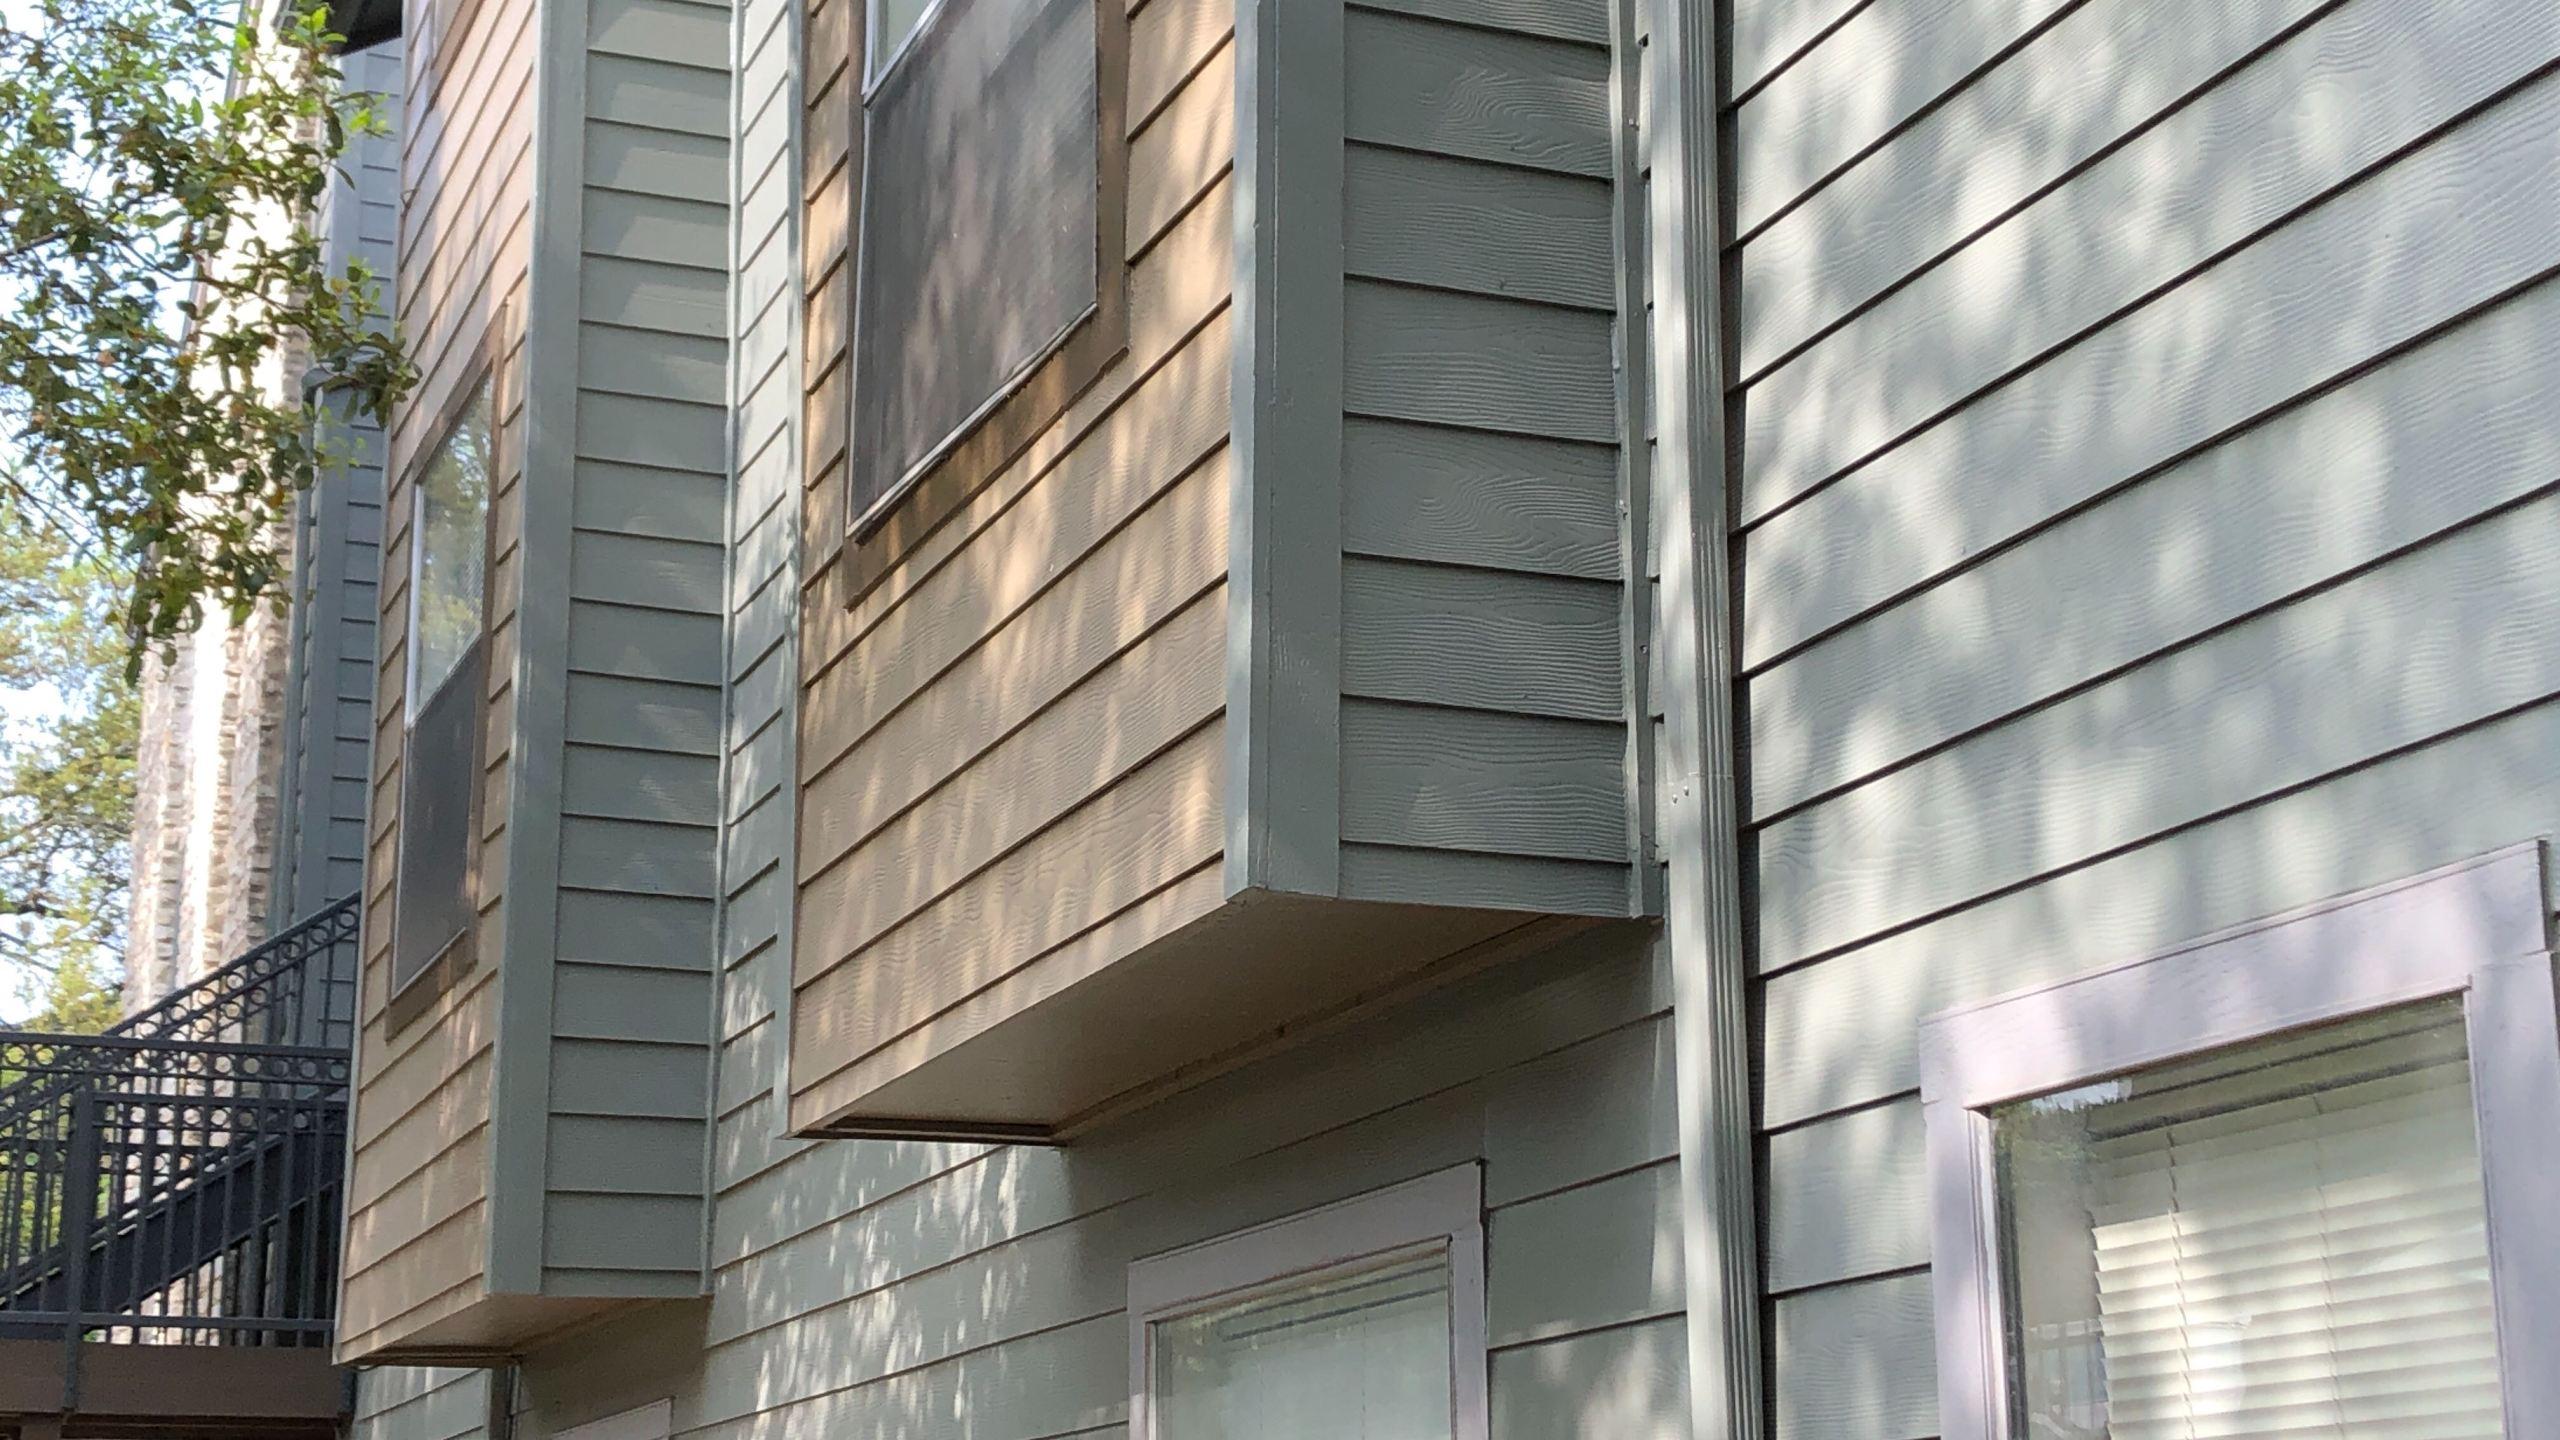 An apartment building in Austin. (KXAN Photo).